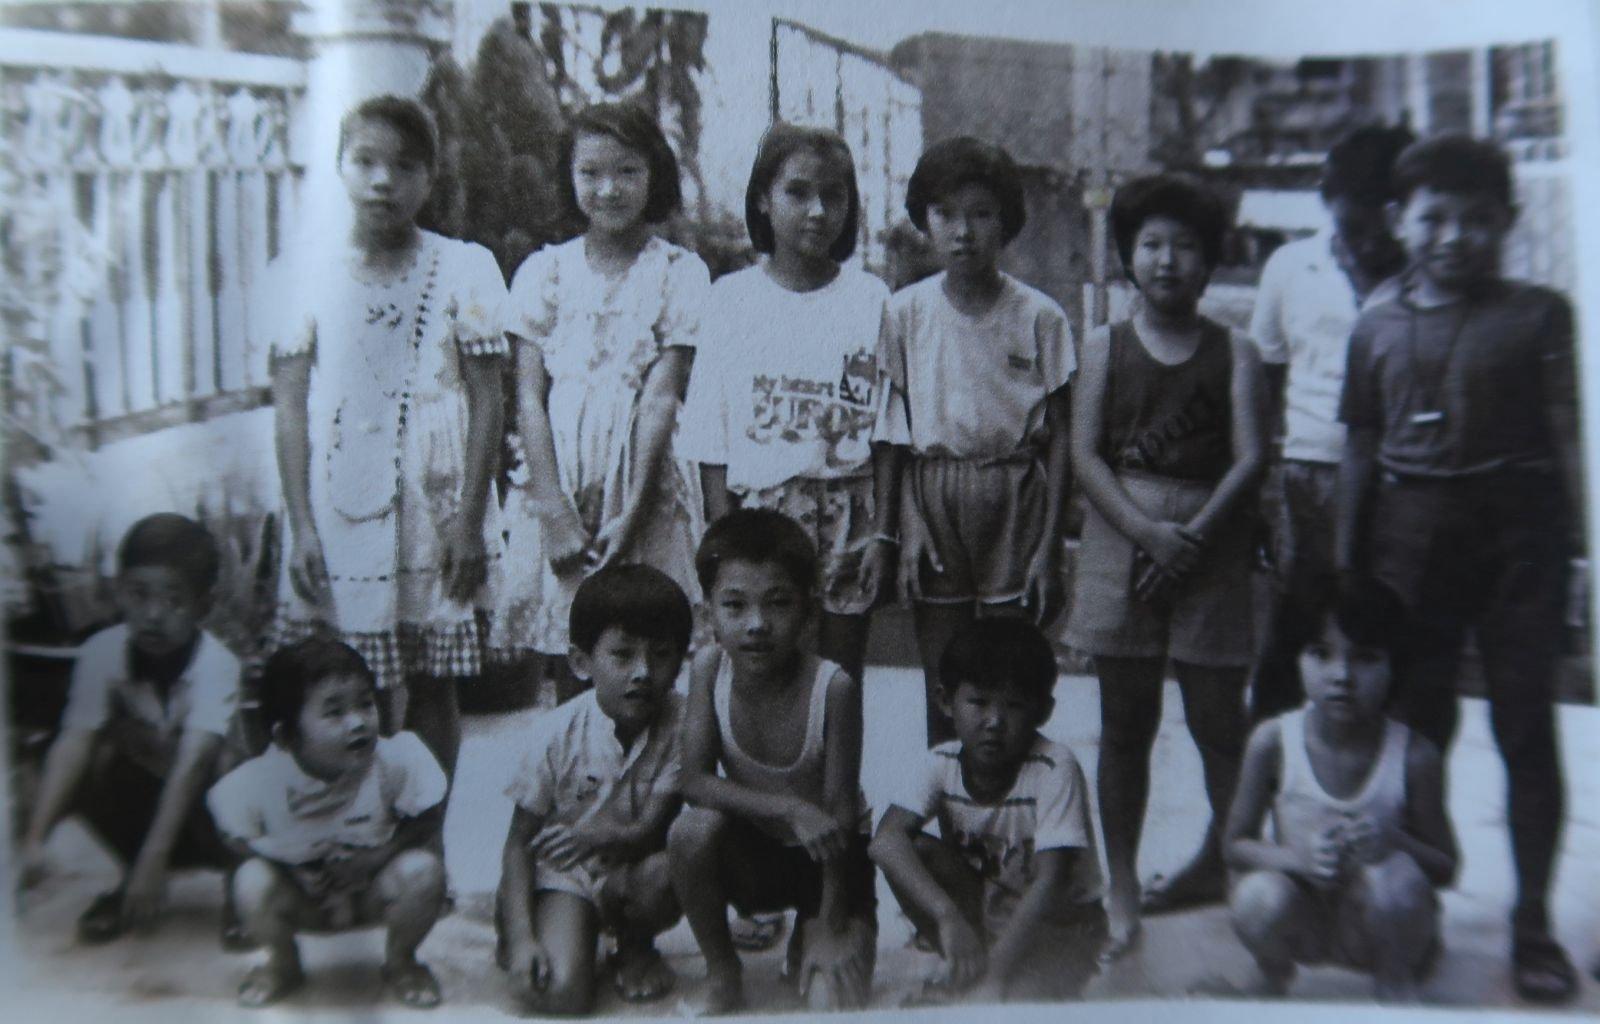 在1987年6月23日,红坭山居民聘请医生为60名小孩进行血液测试,发现有者的血液含铅量过高,怀疑与亚洲稀土厂所排放的废料有关。